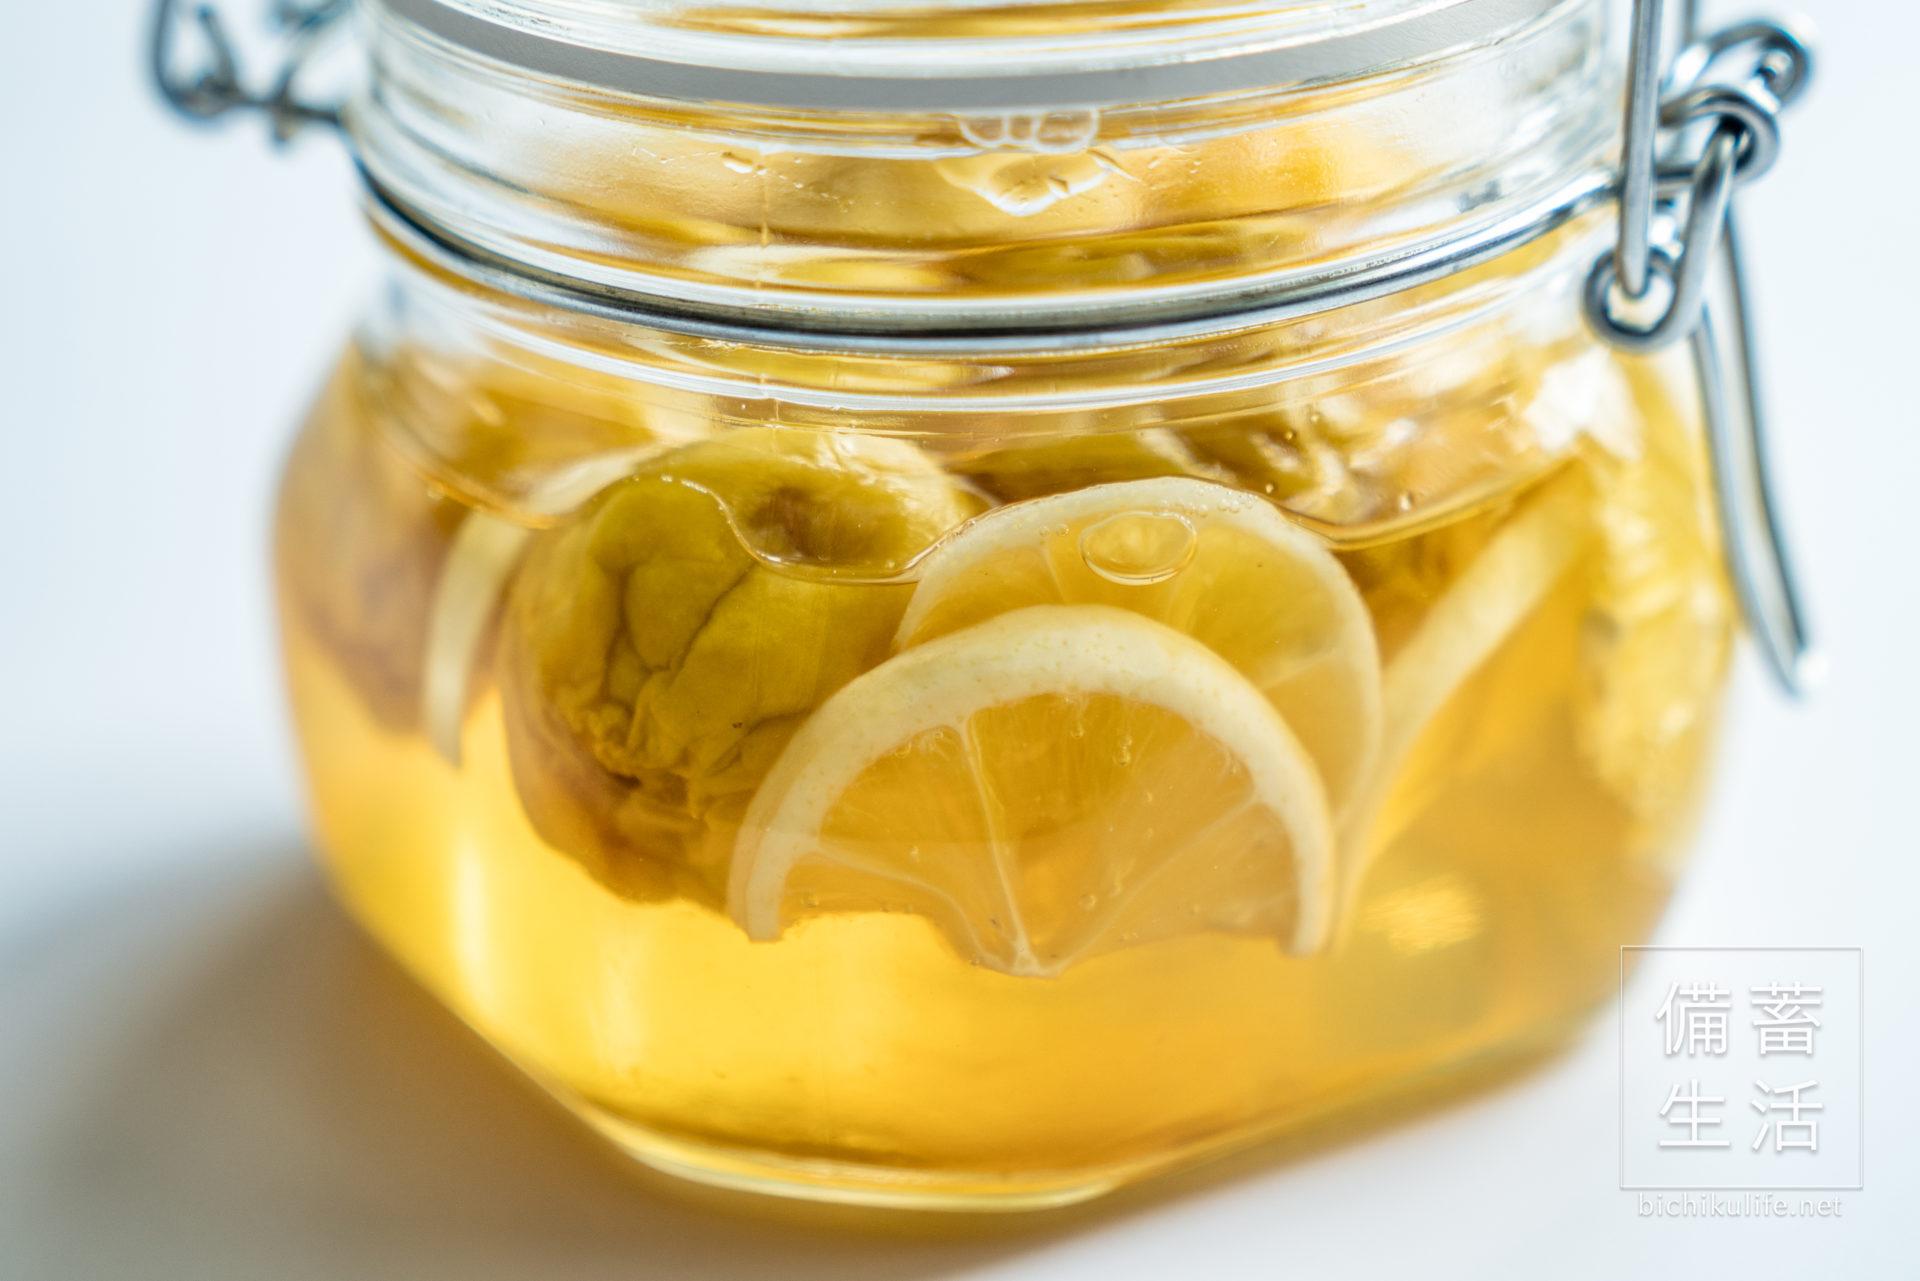 梅シロップ はちみつレモンのレシピ、完成した梅はちみつレモンシロップの様子